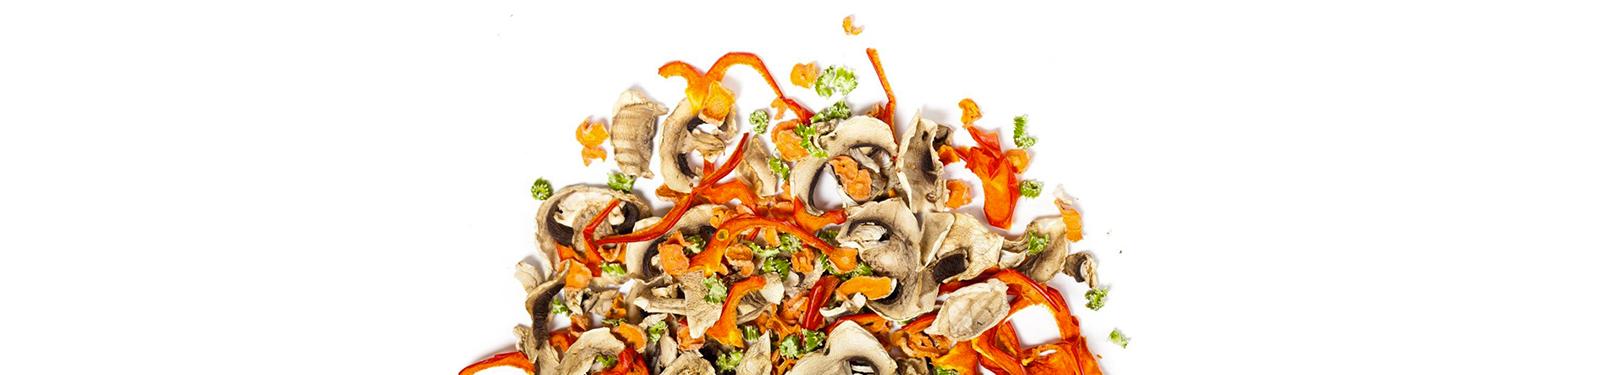 Mélange de légumes colorés